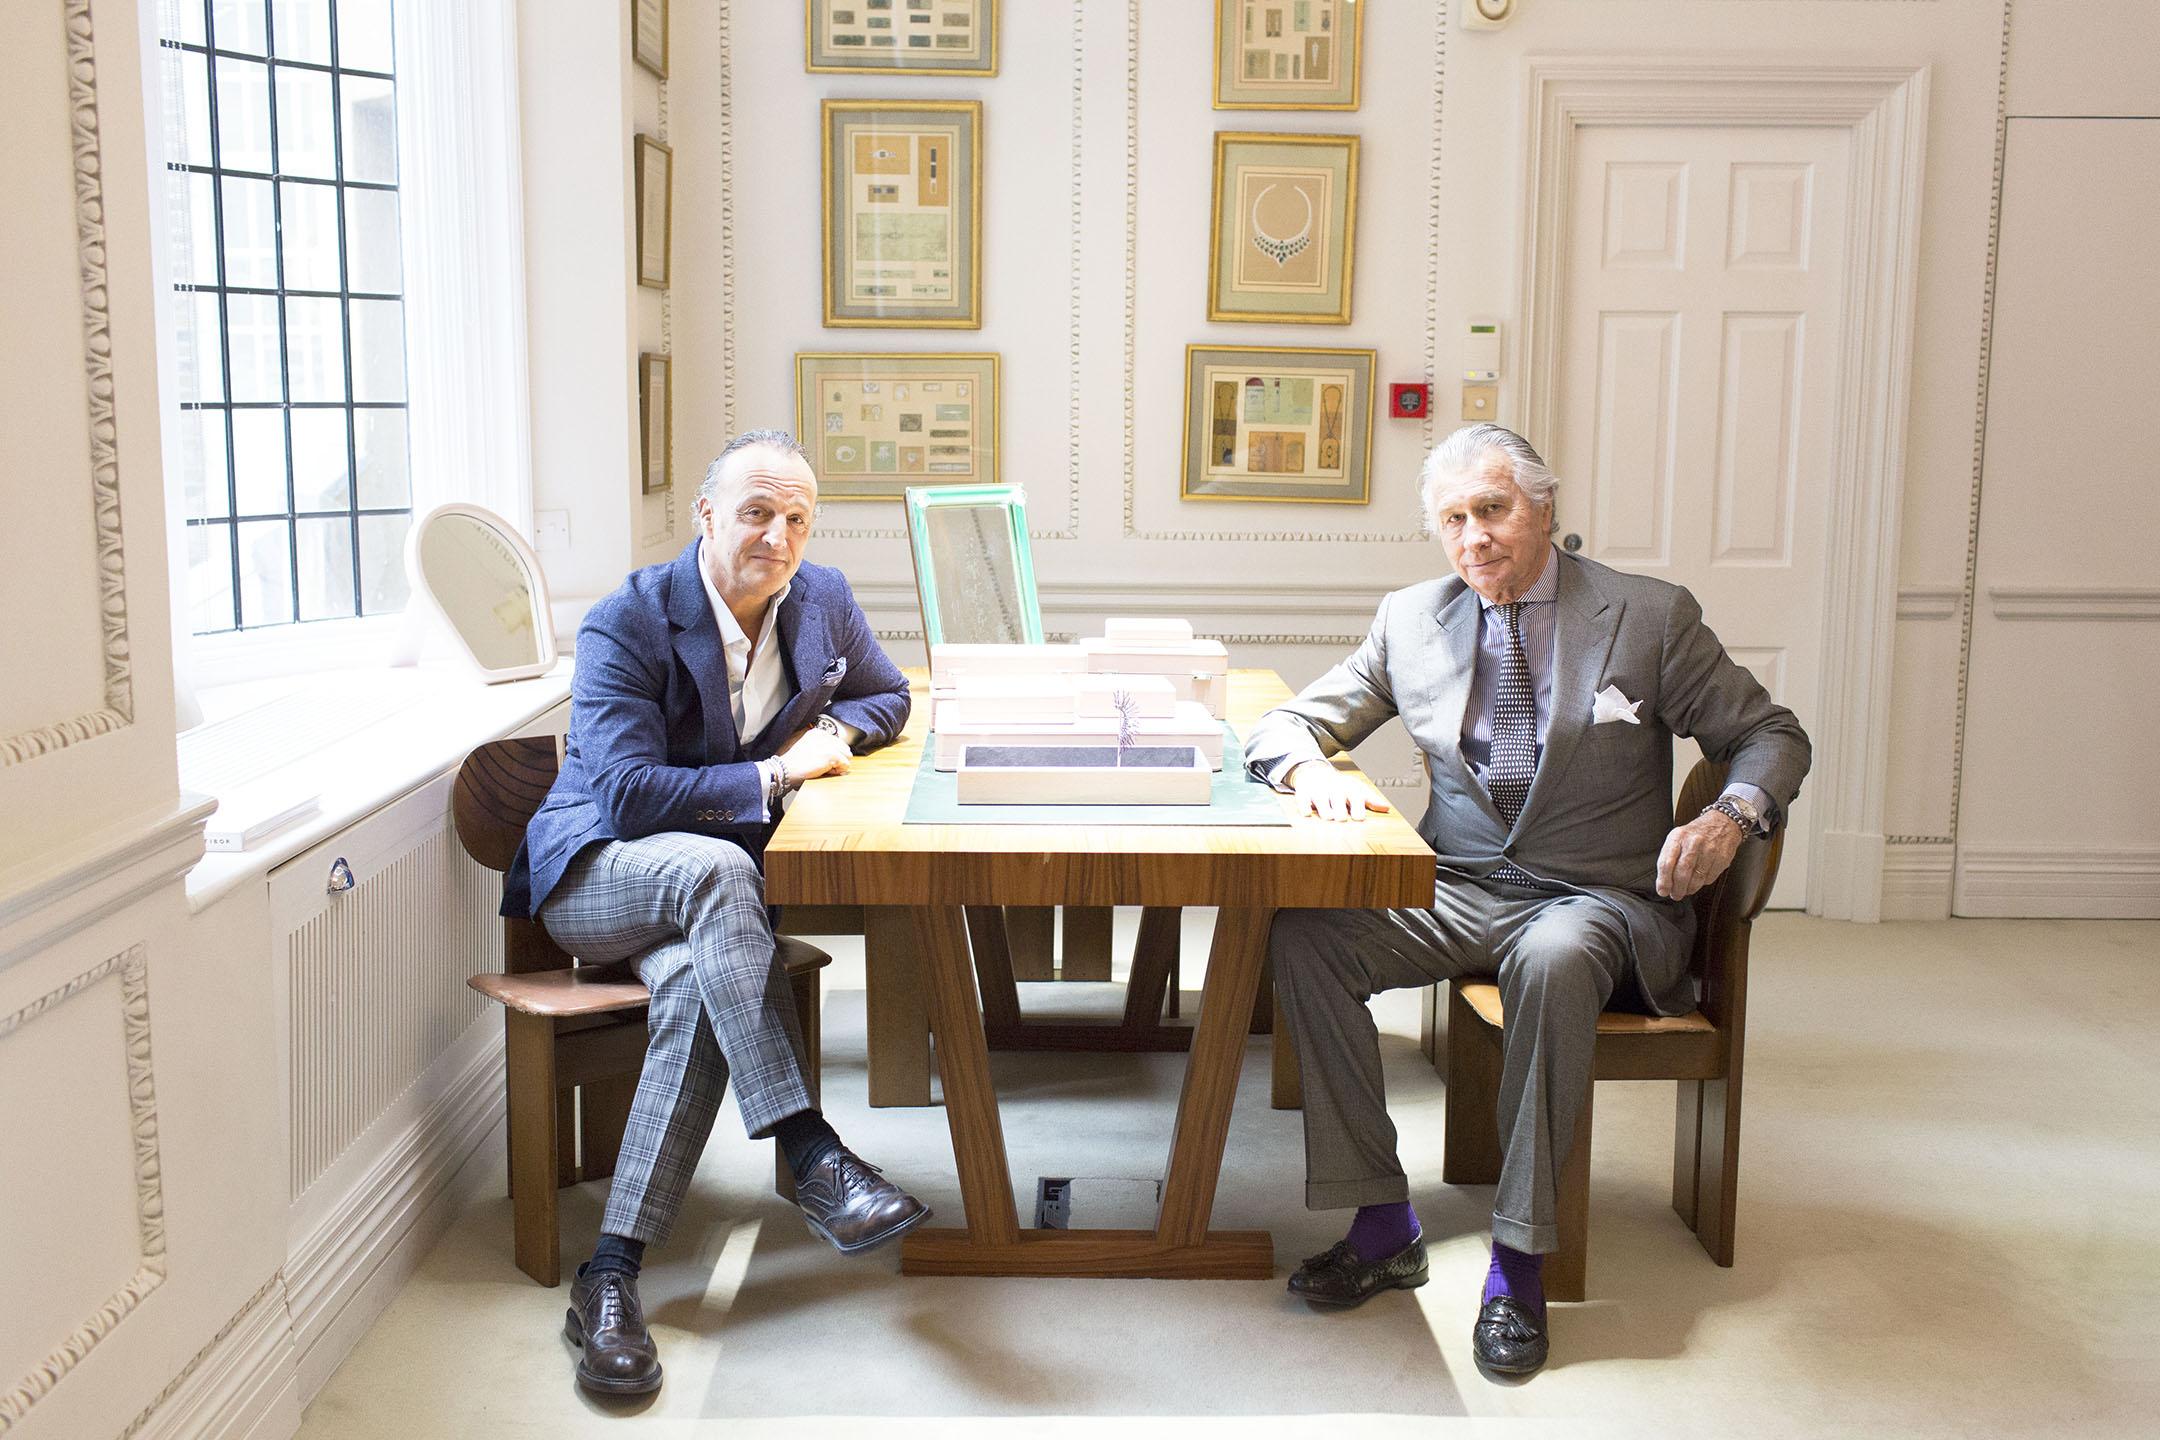 Mayfair jeweler Glenn Spiro and Arnaud Bamberger for The New York Times